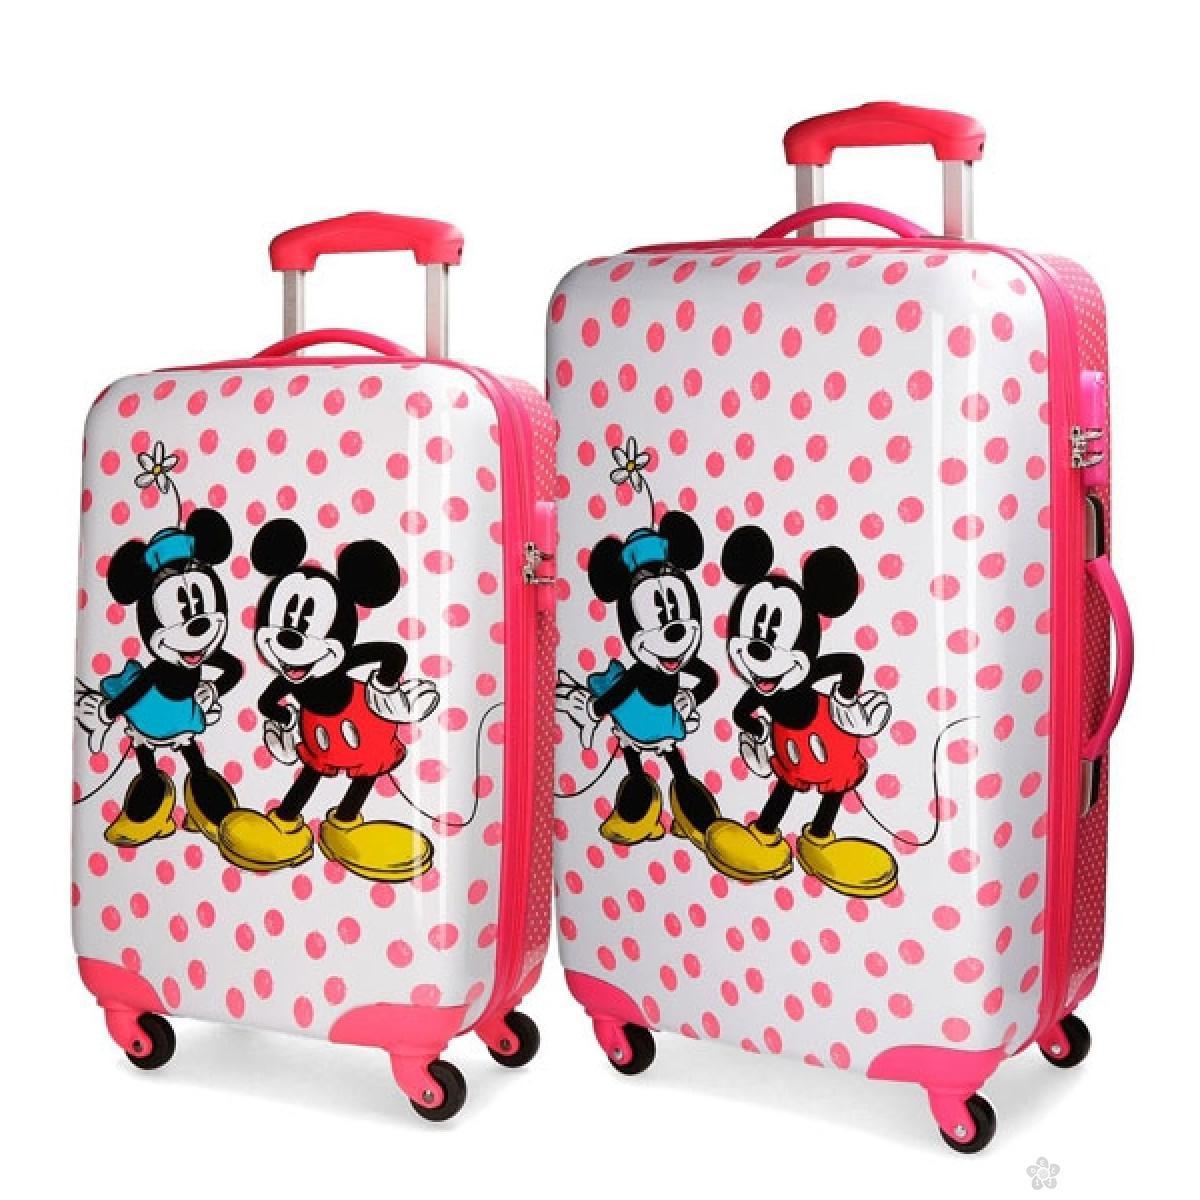 Minnie & Mickey set kofera 30.919.61